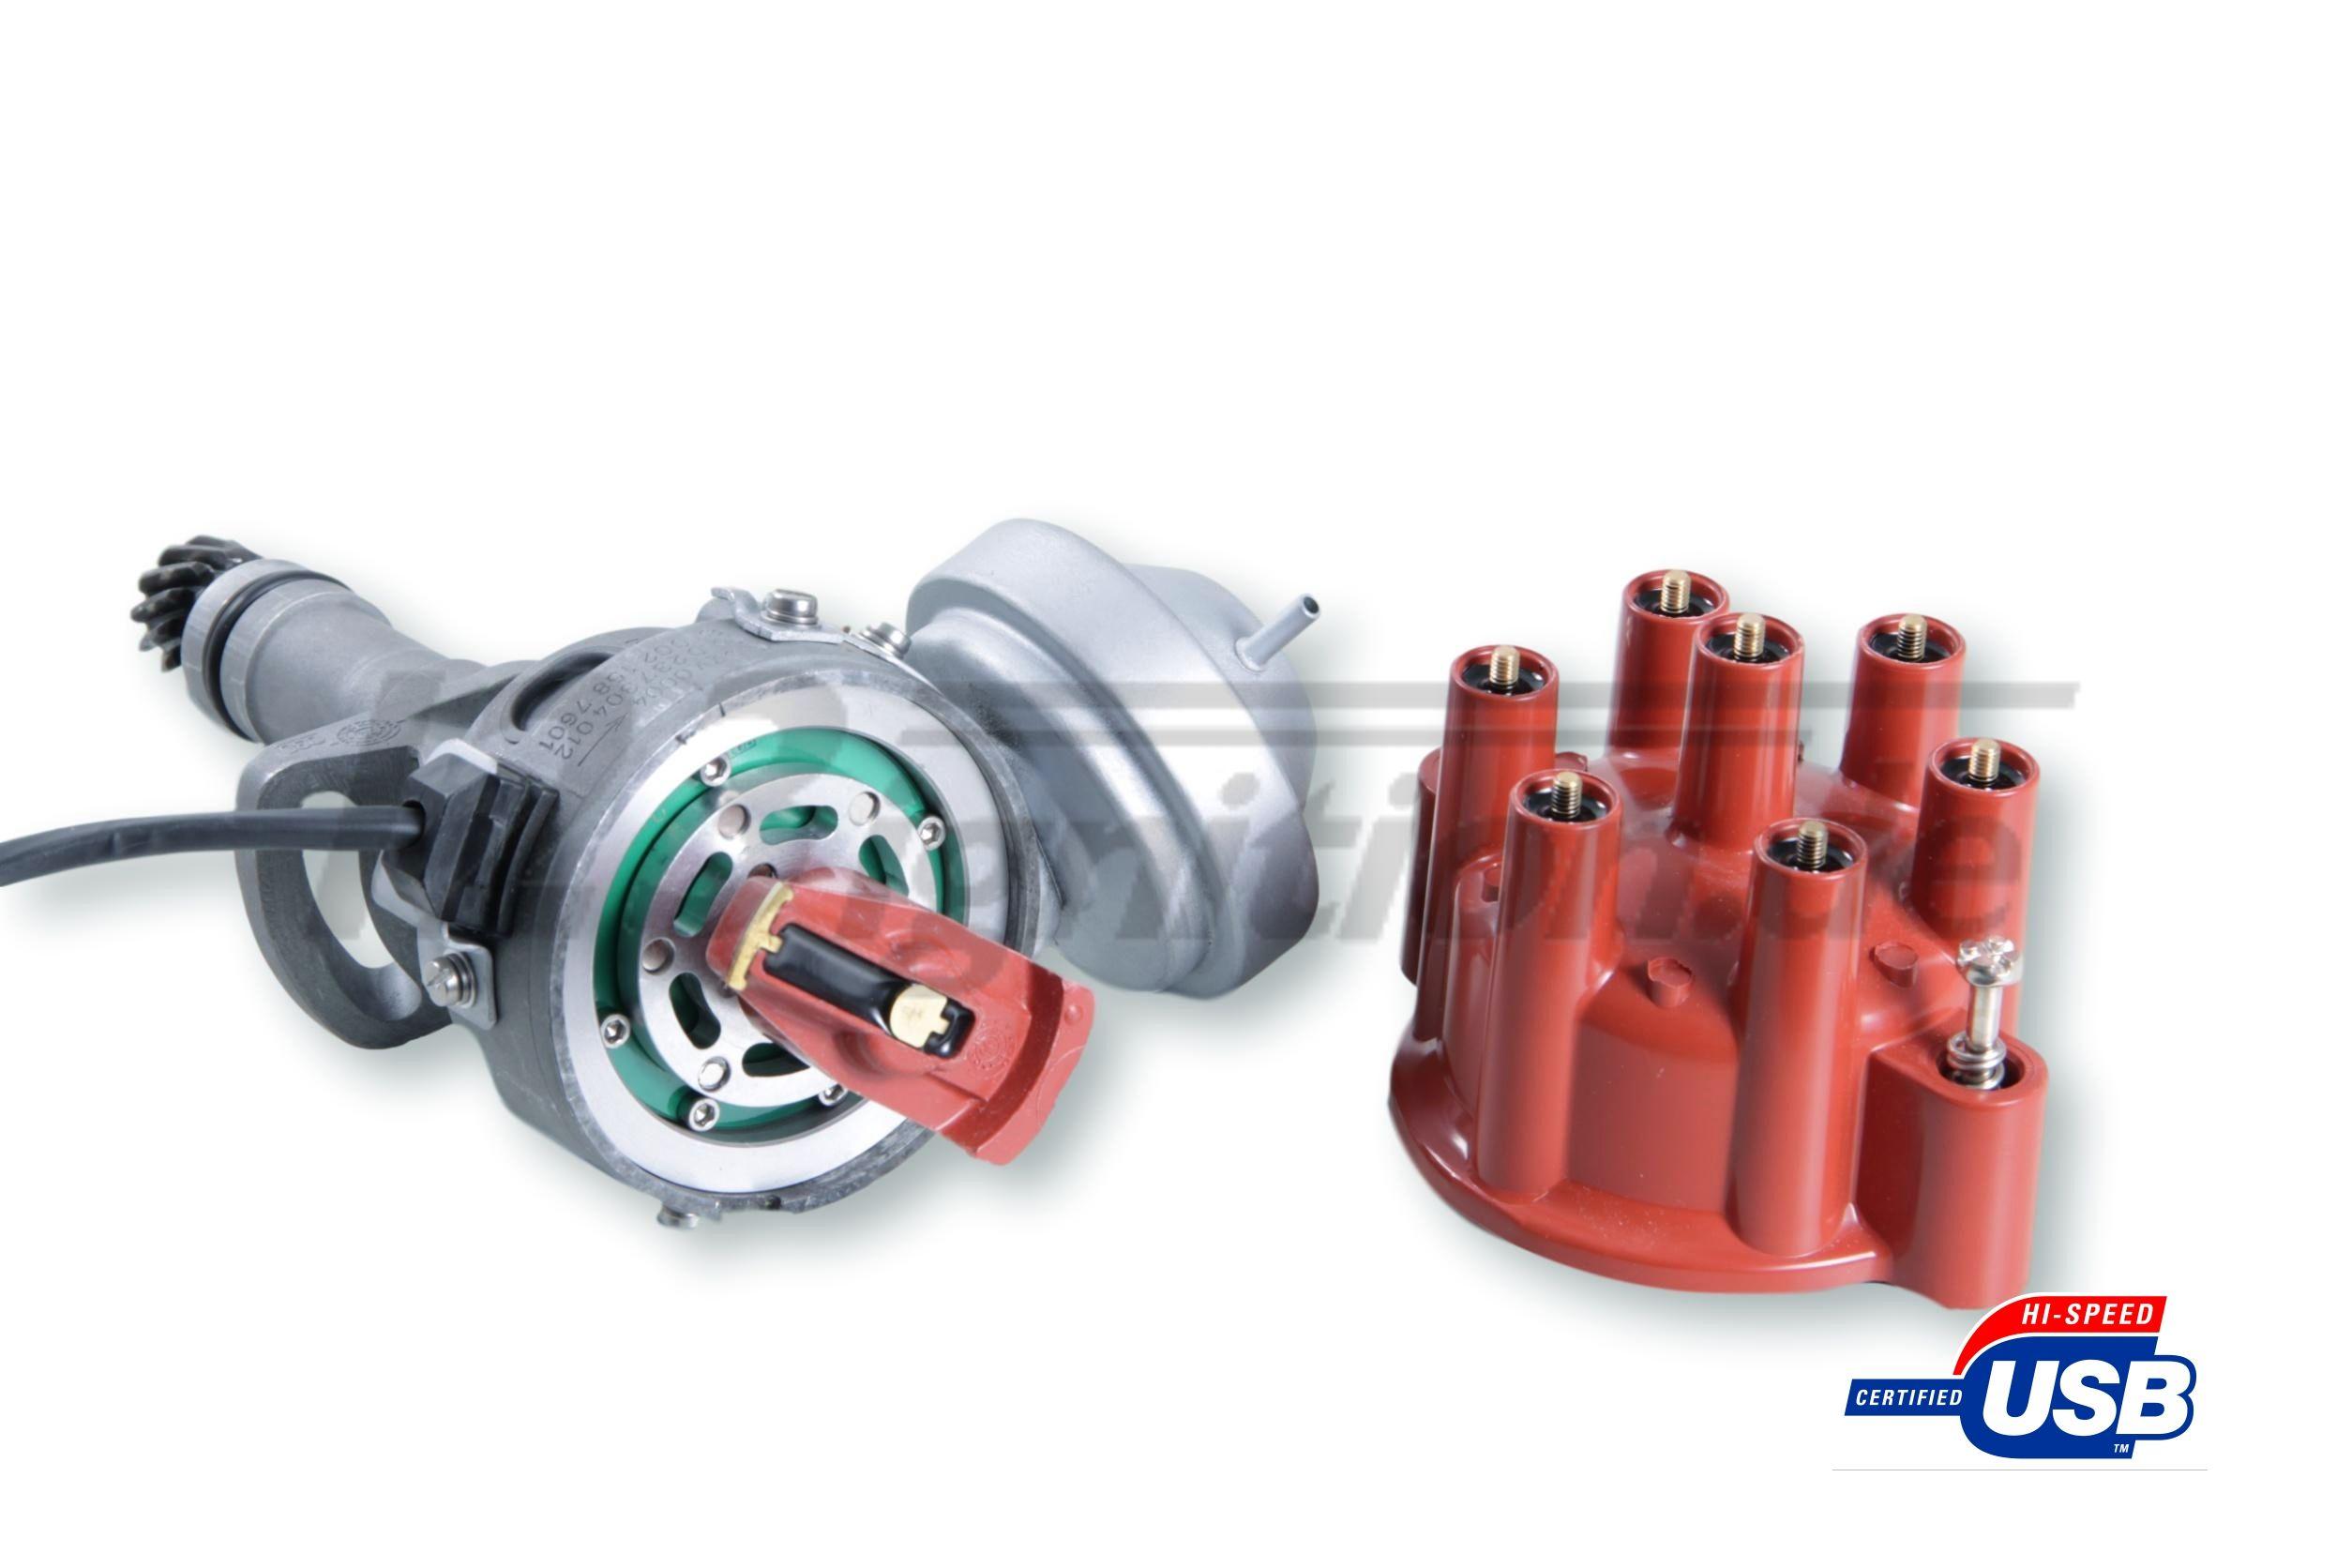 Allumeur 123 TUNE USB pour Mercedes 280SL R107 C107 K-Jetronik M110  Installation dans 77bc1d25eb18